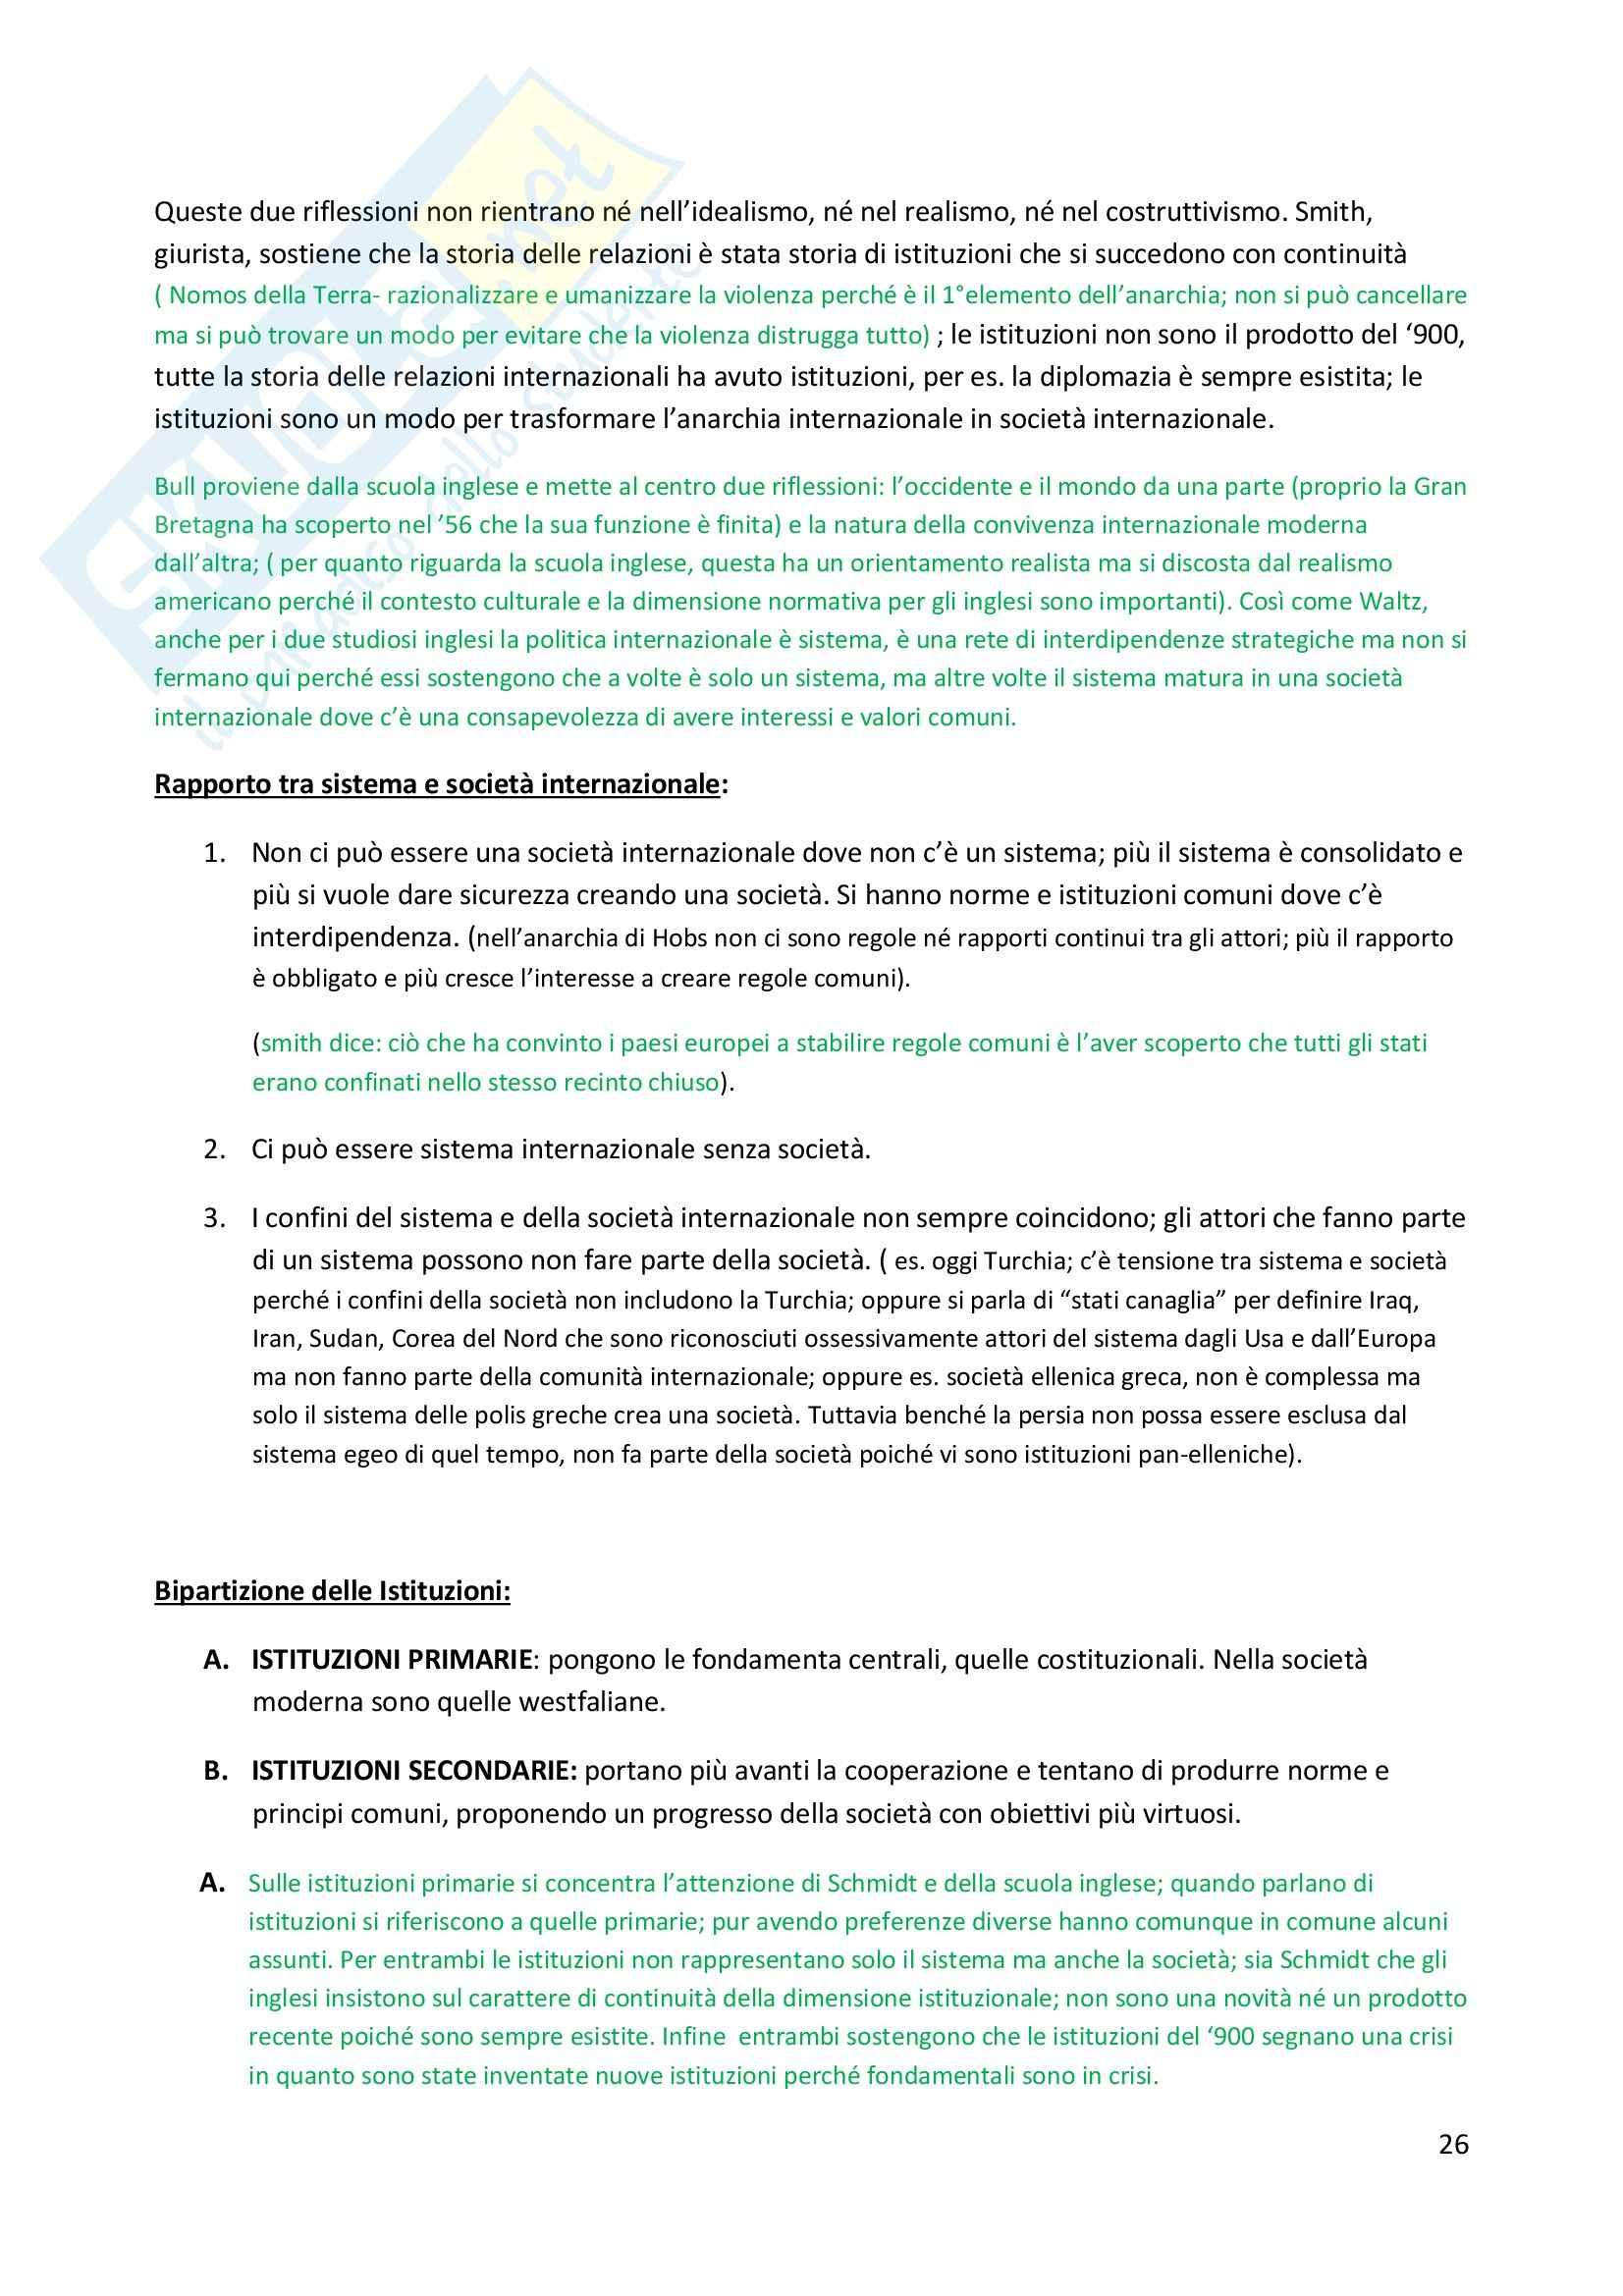 Storia delle relazioni internazionali - Appunti Pag. 26